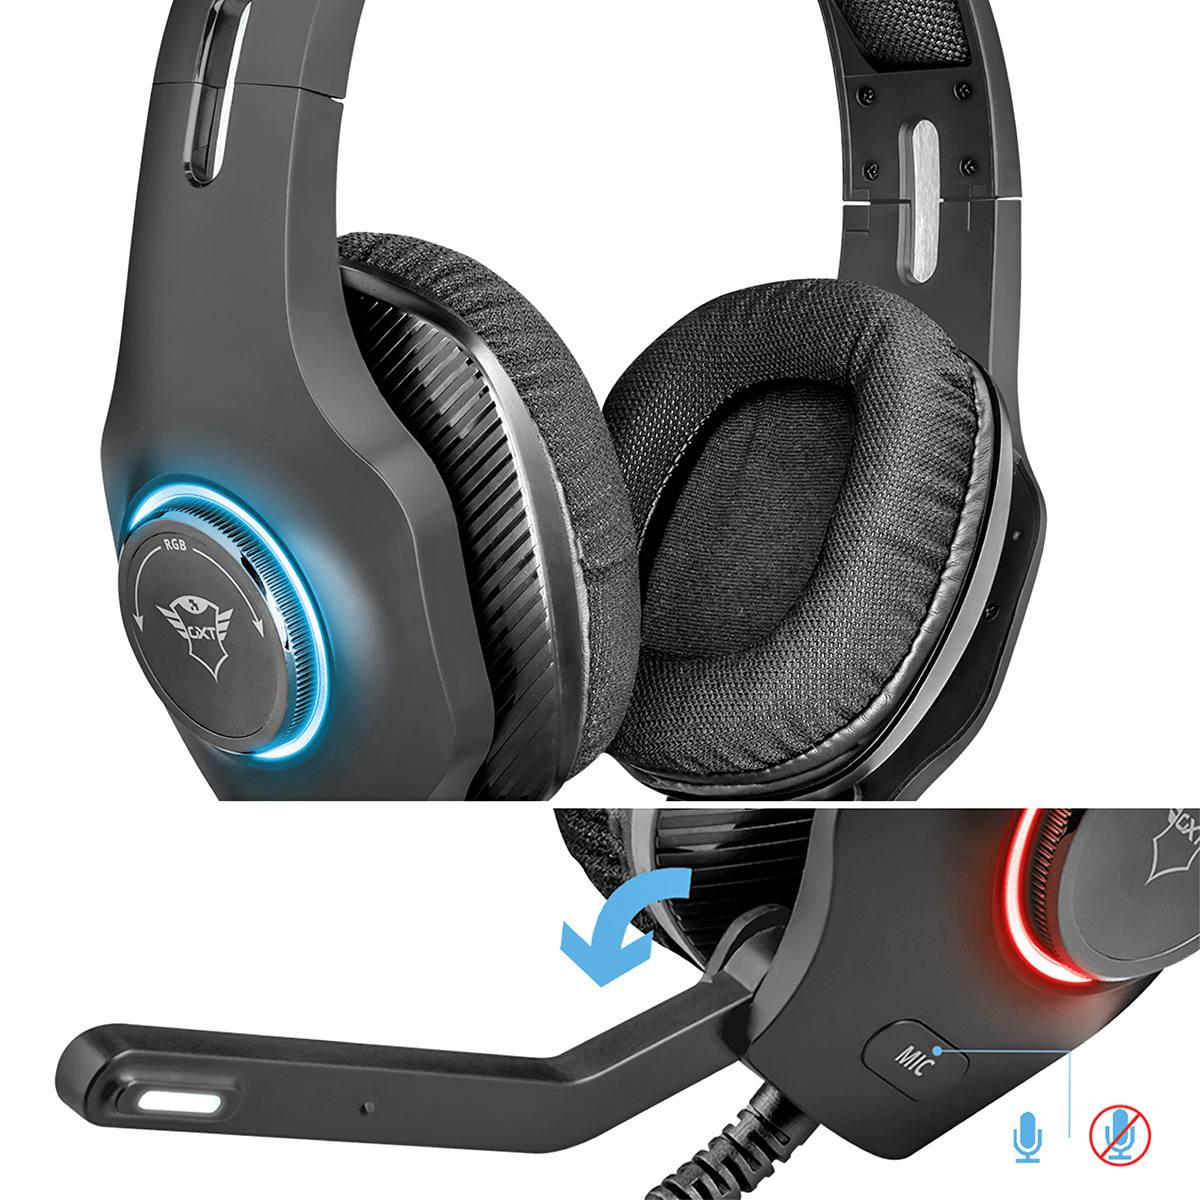 Headset Gamer Torus Som Potente Iluminação RGB Personalizável Microfone Rebatível Cabo 2.2m Trust GXT 455